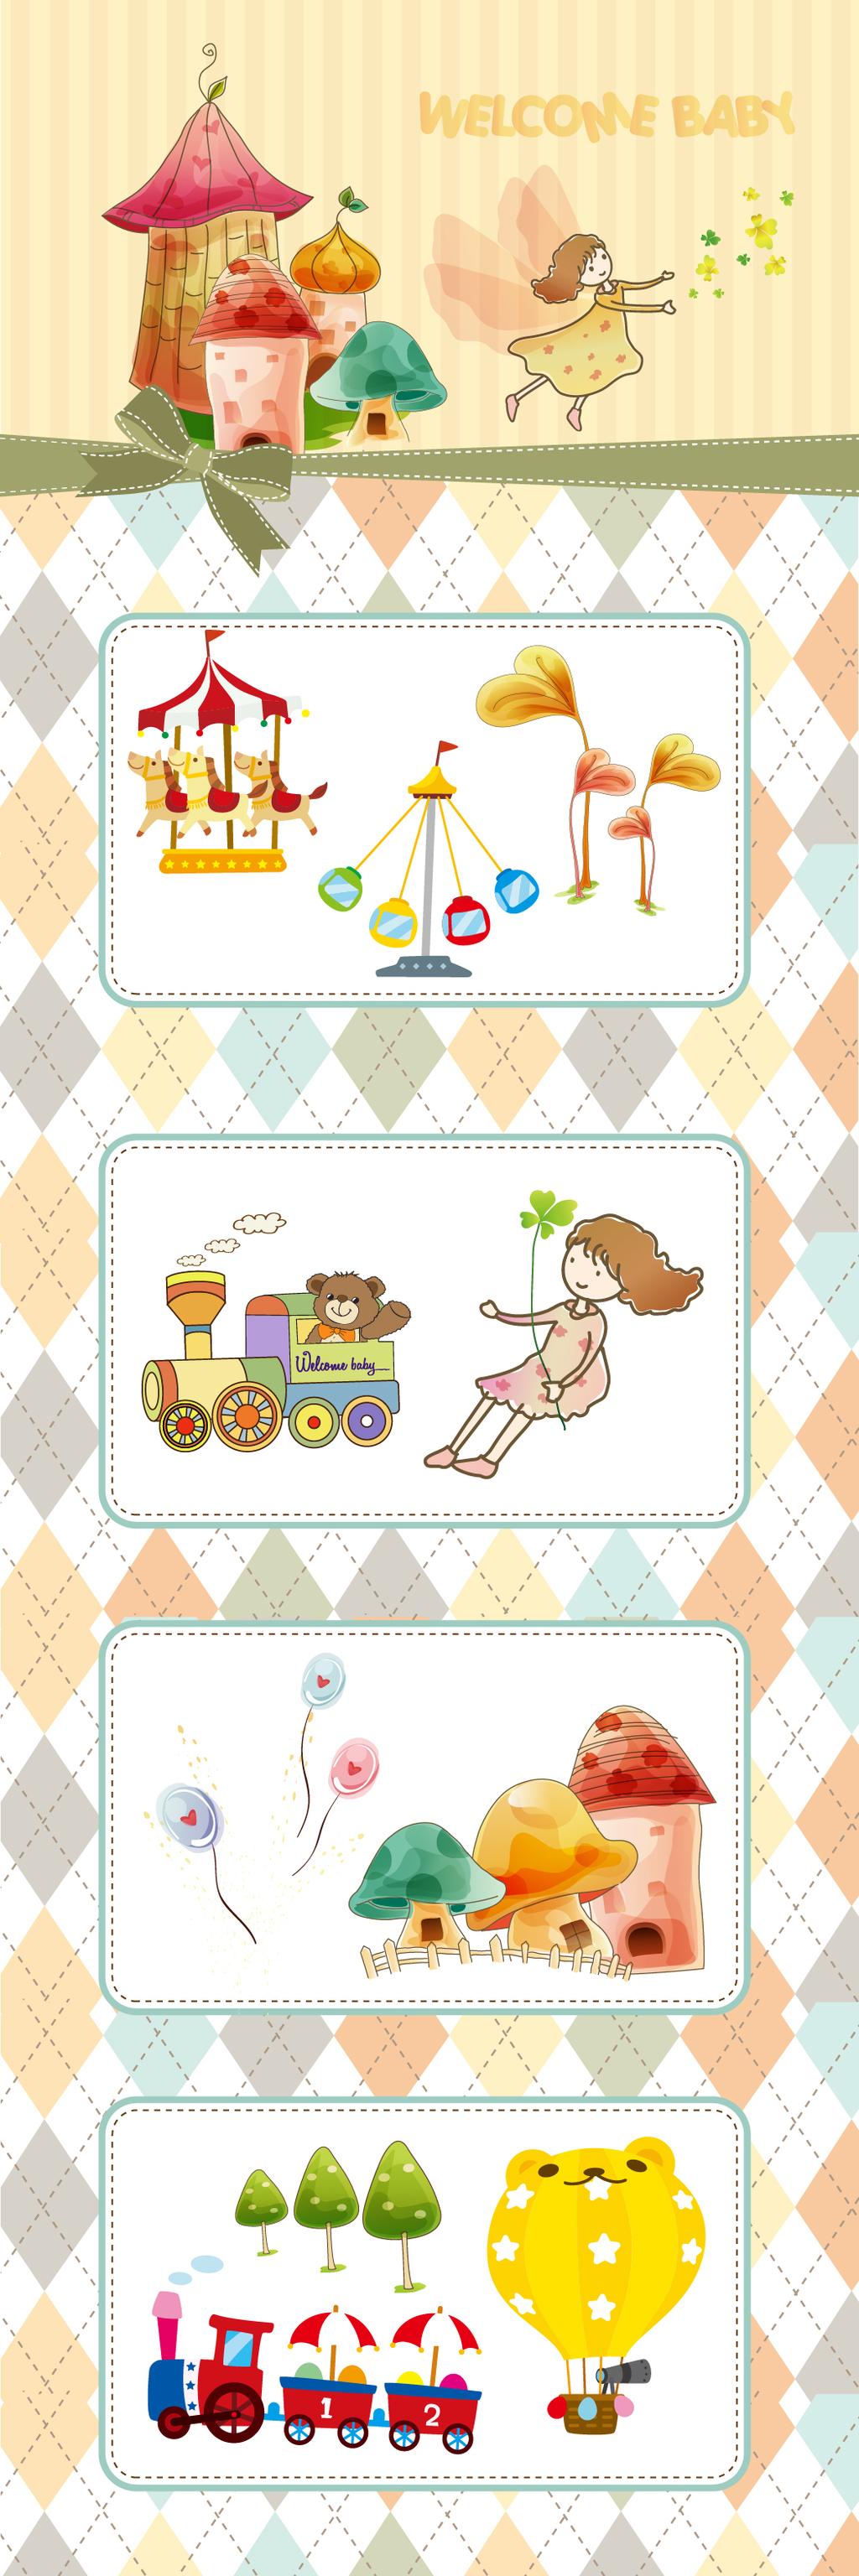 设计元素 花纹边框 卡通手绘边框 > 卡通儿童游乐园   图片编号